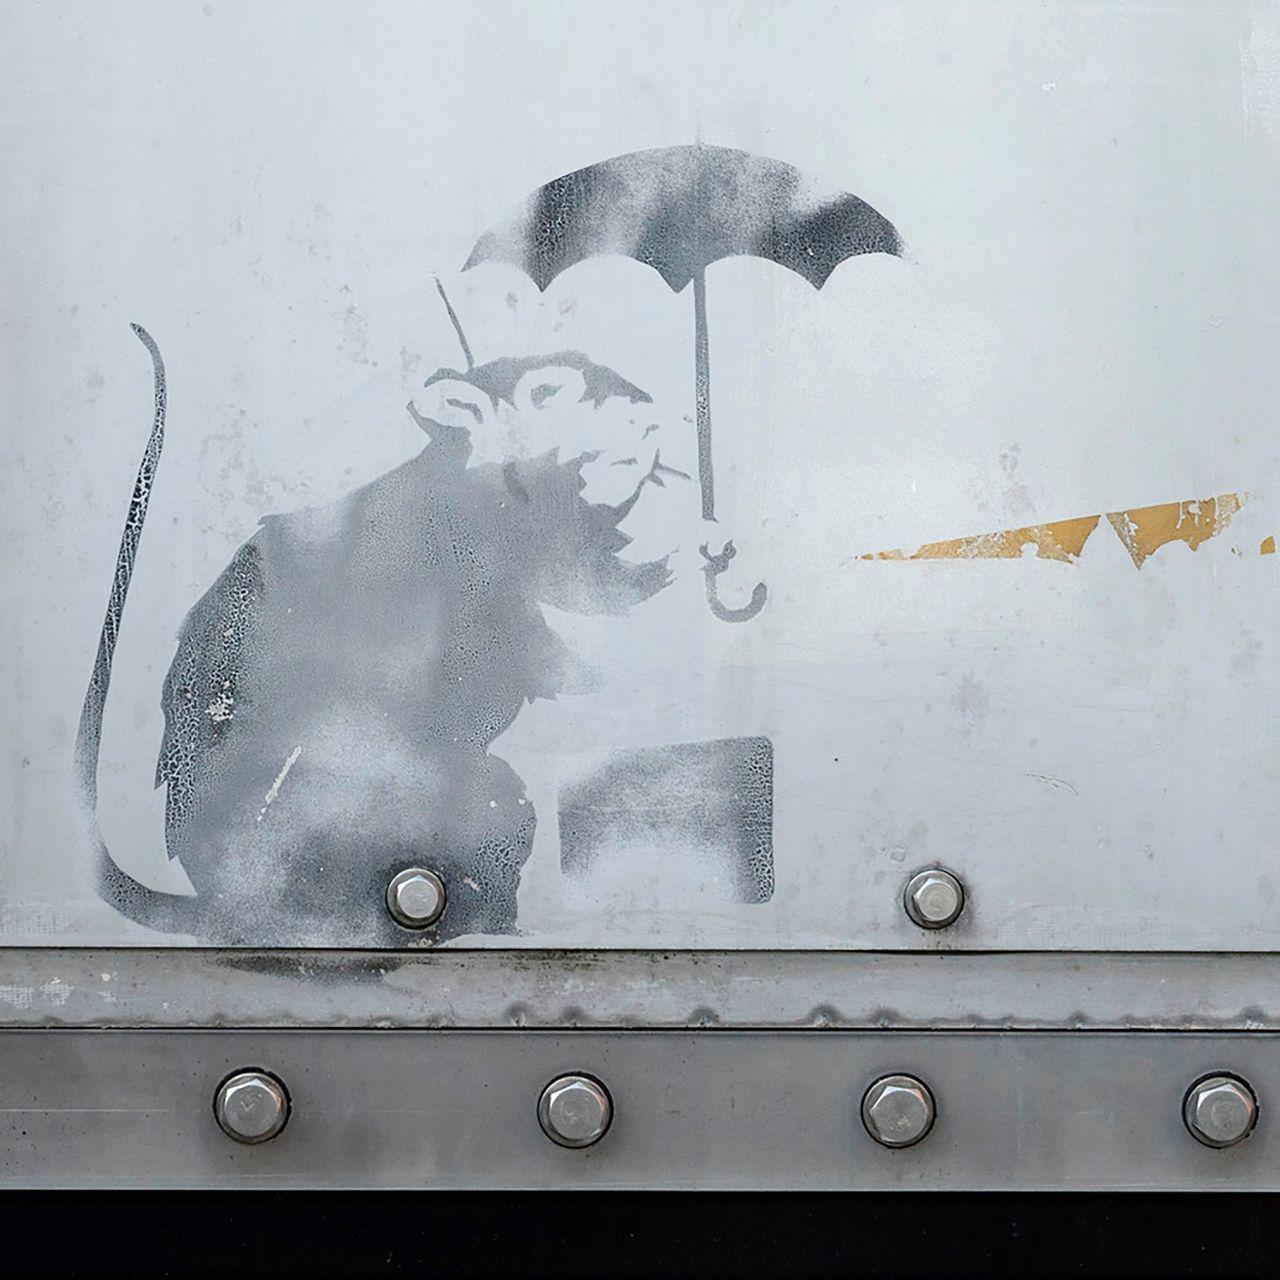 圖為日前出現在東京都的塗鴉,疑為Banksy的作品。 法新社